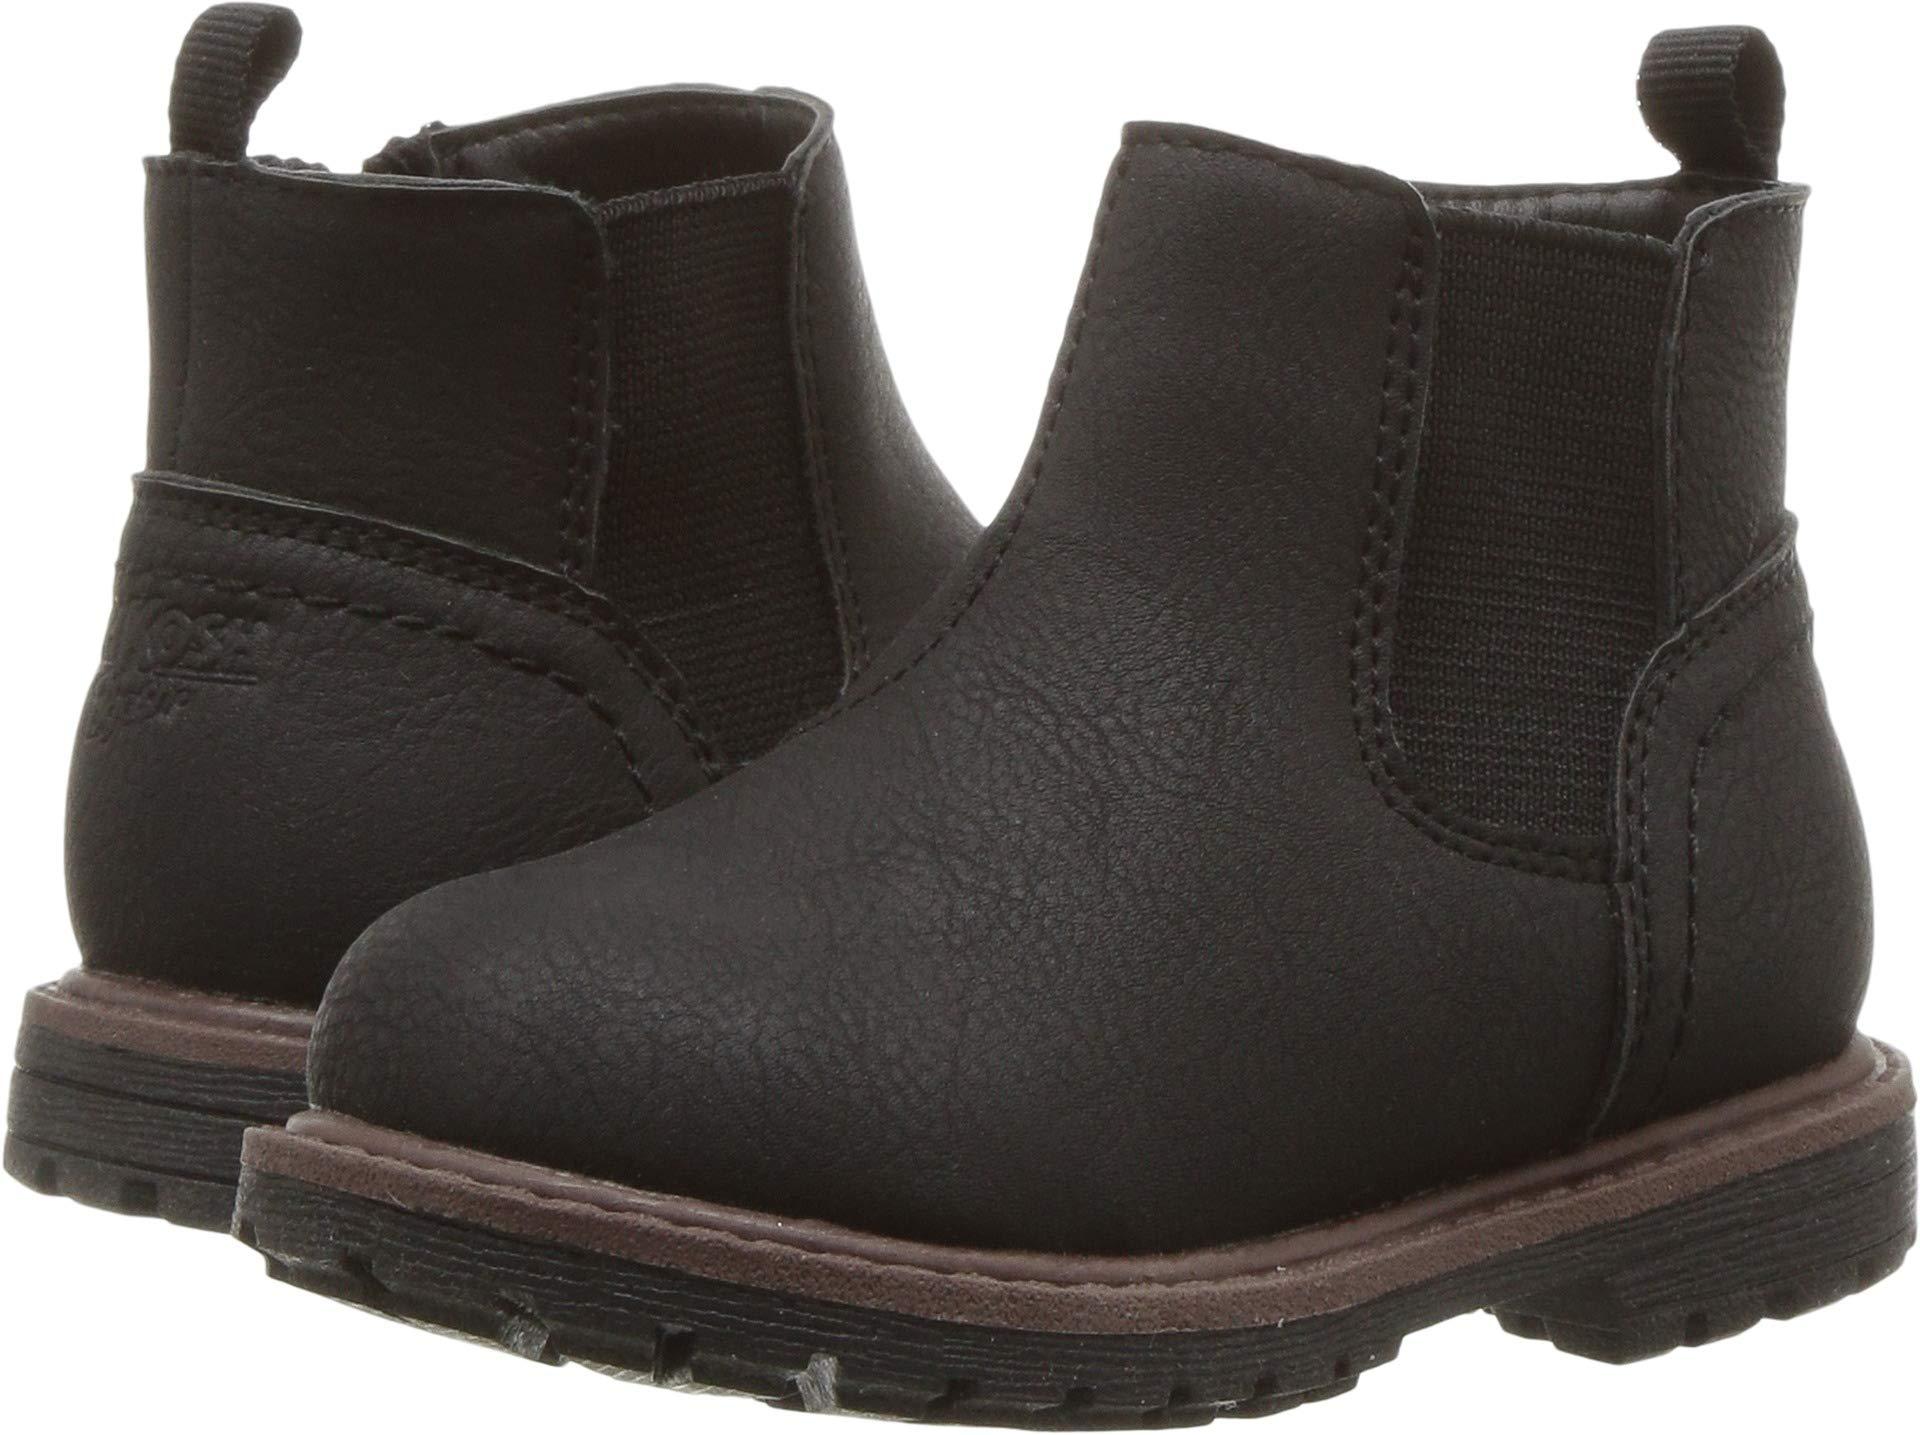 OshKosh B'Gosh Boys' Duran Zip up Combat Boot, Black, 6 M US Toddler